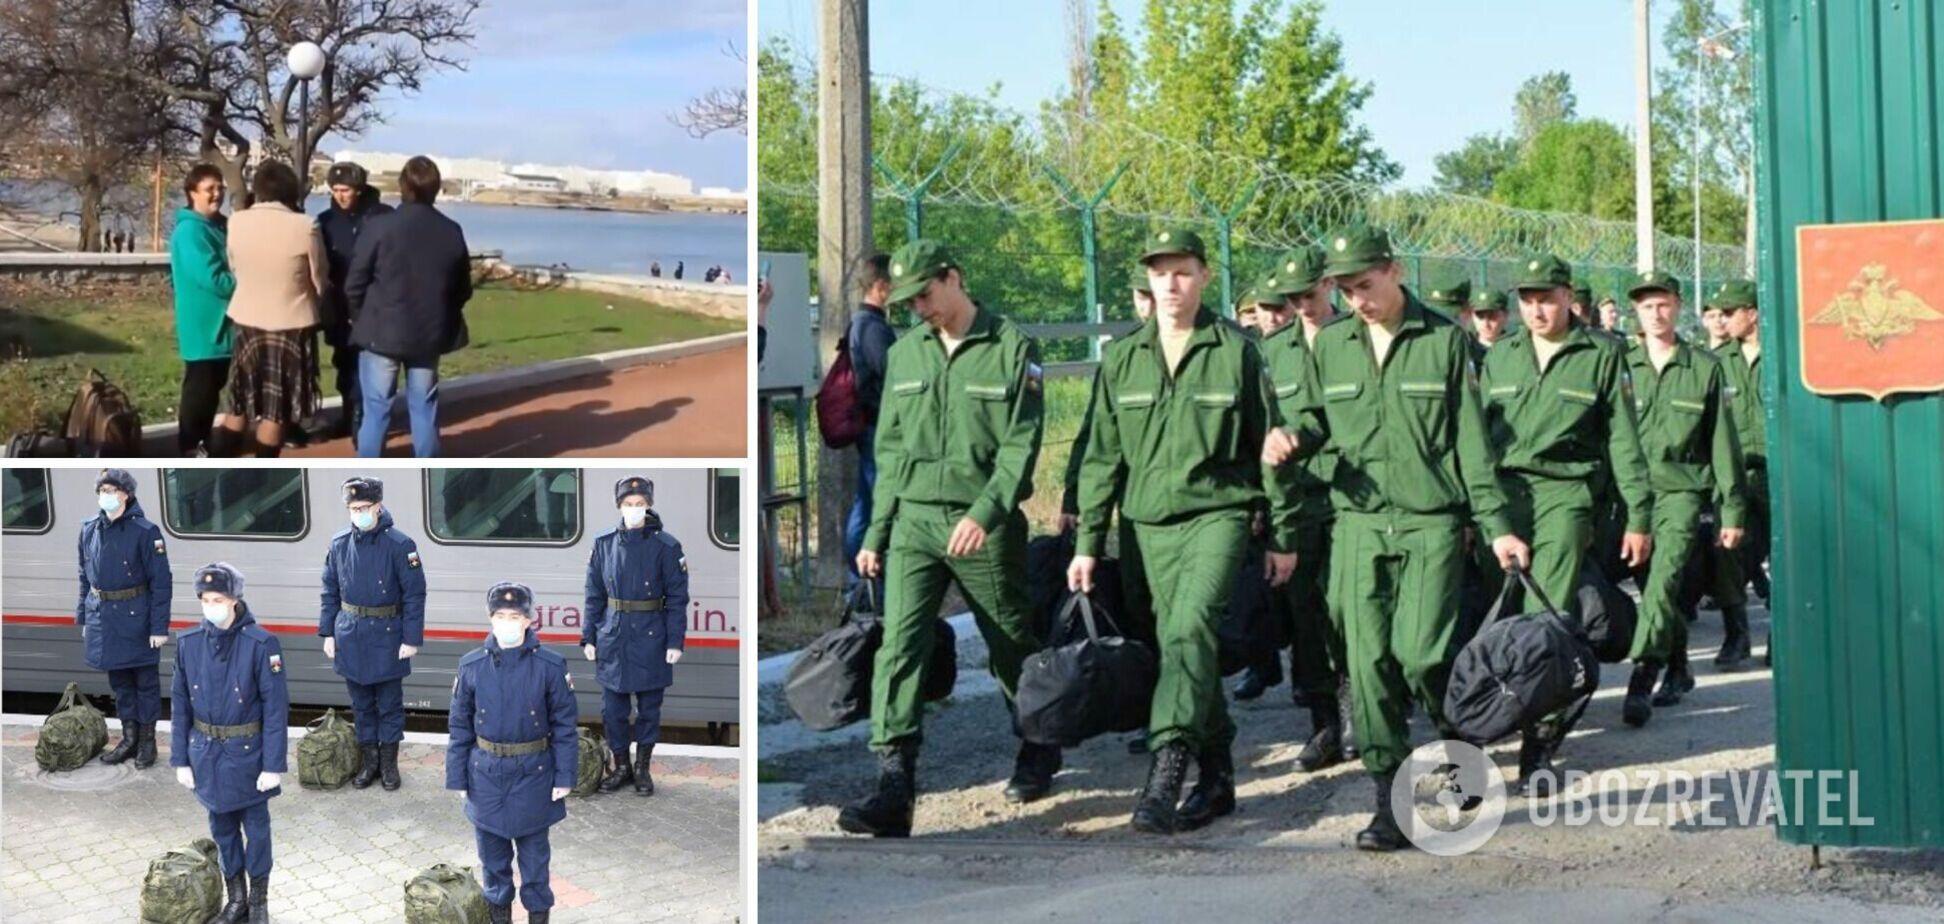 Огромные штрафы и письма с извинениями военкому: как в Крыму незаконно принуждают к службе в армии РФ